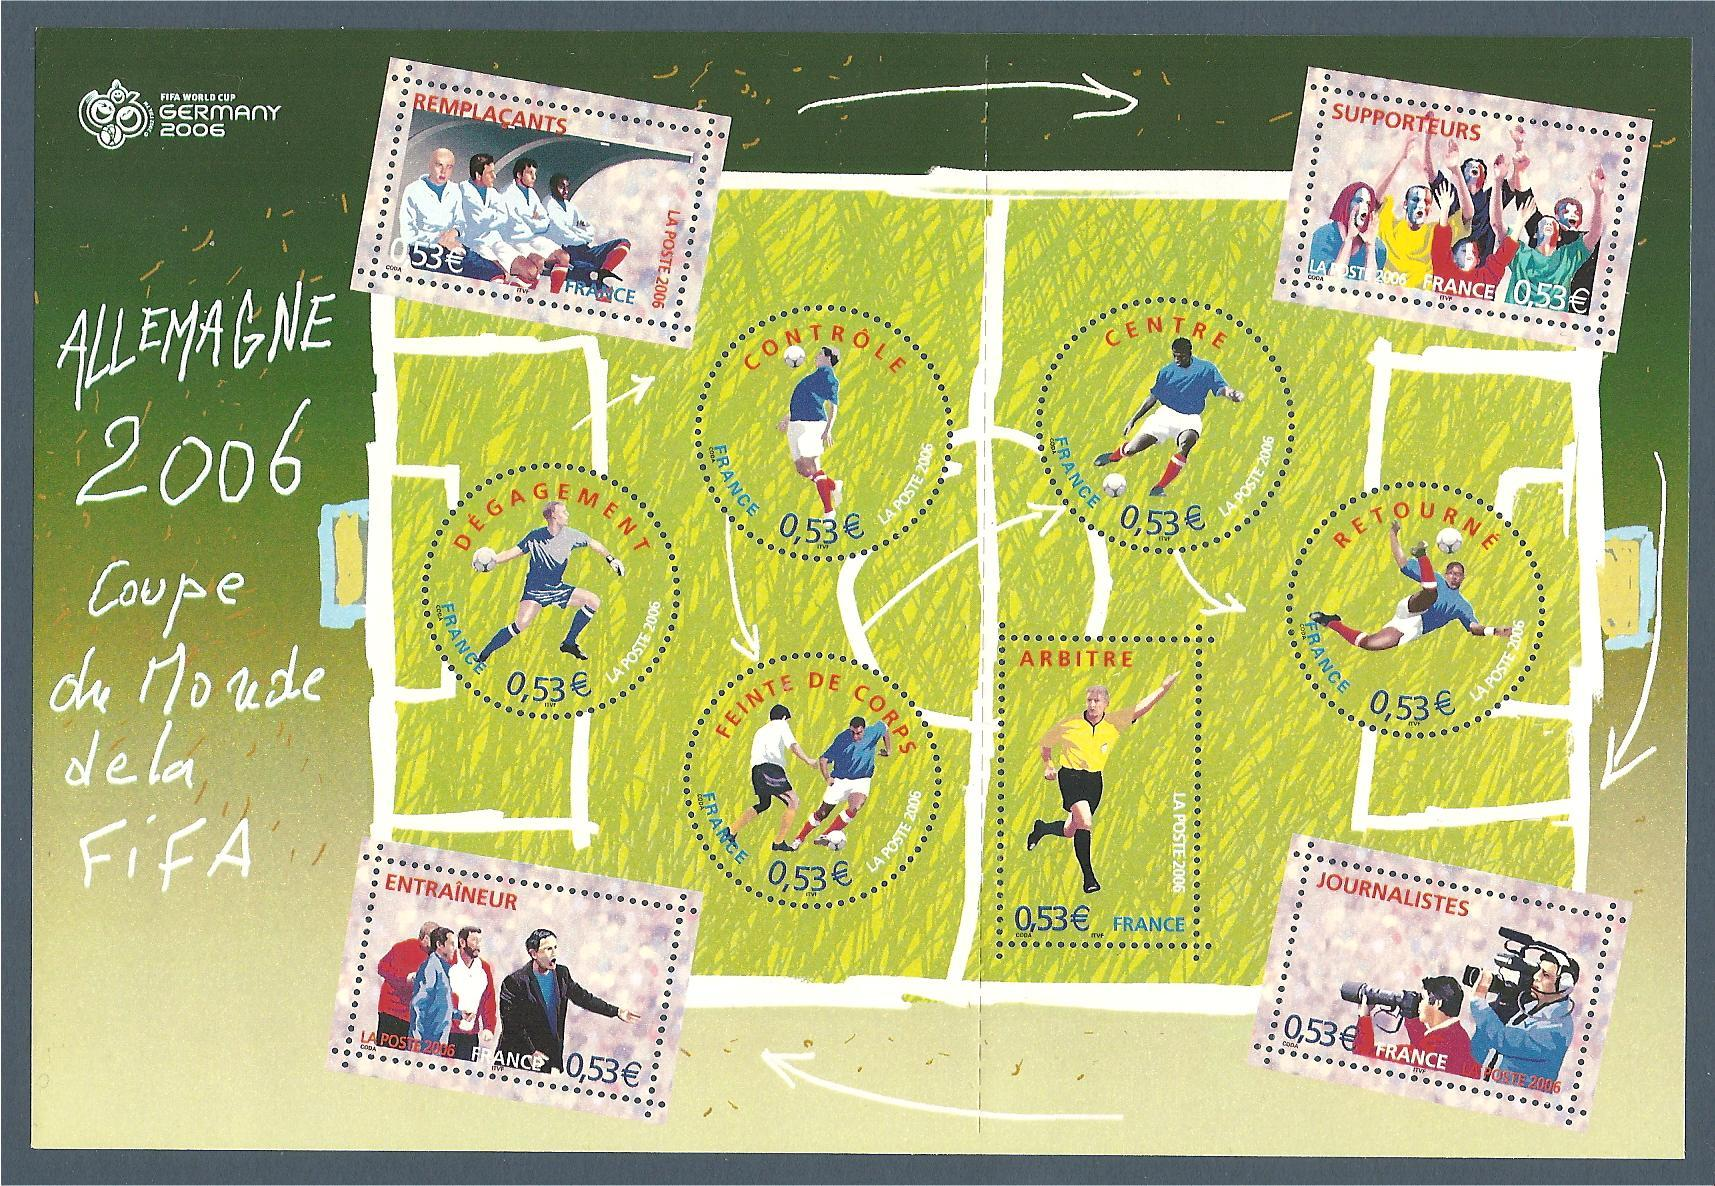 Bloc feuillet n 97 coupe du monde de foot 2006 - Coupe du monde de foot 2006 ...